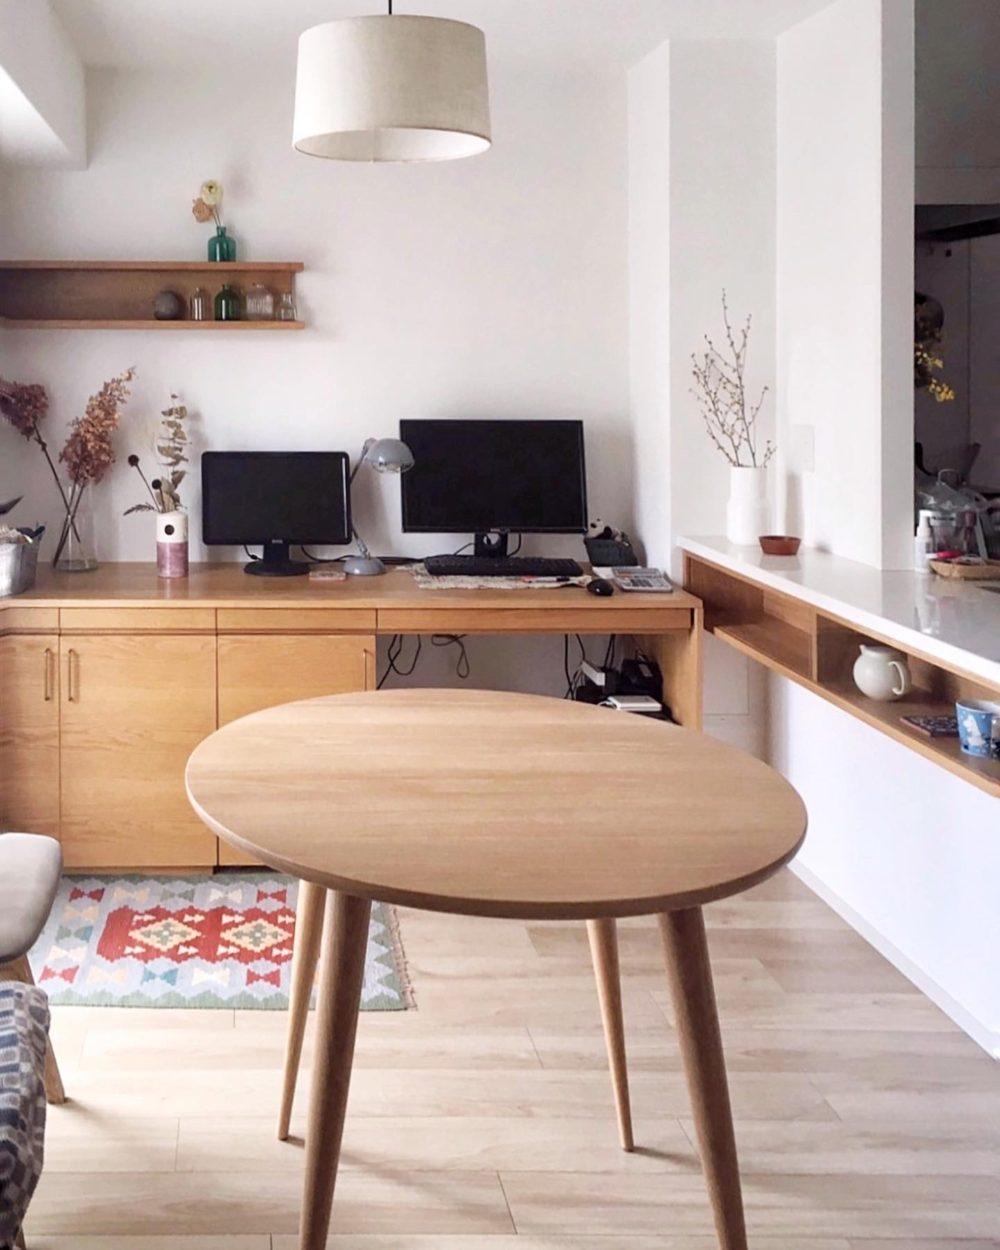 オーダー家具・丸テーブル・カウンター下小棚